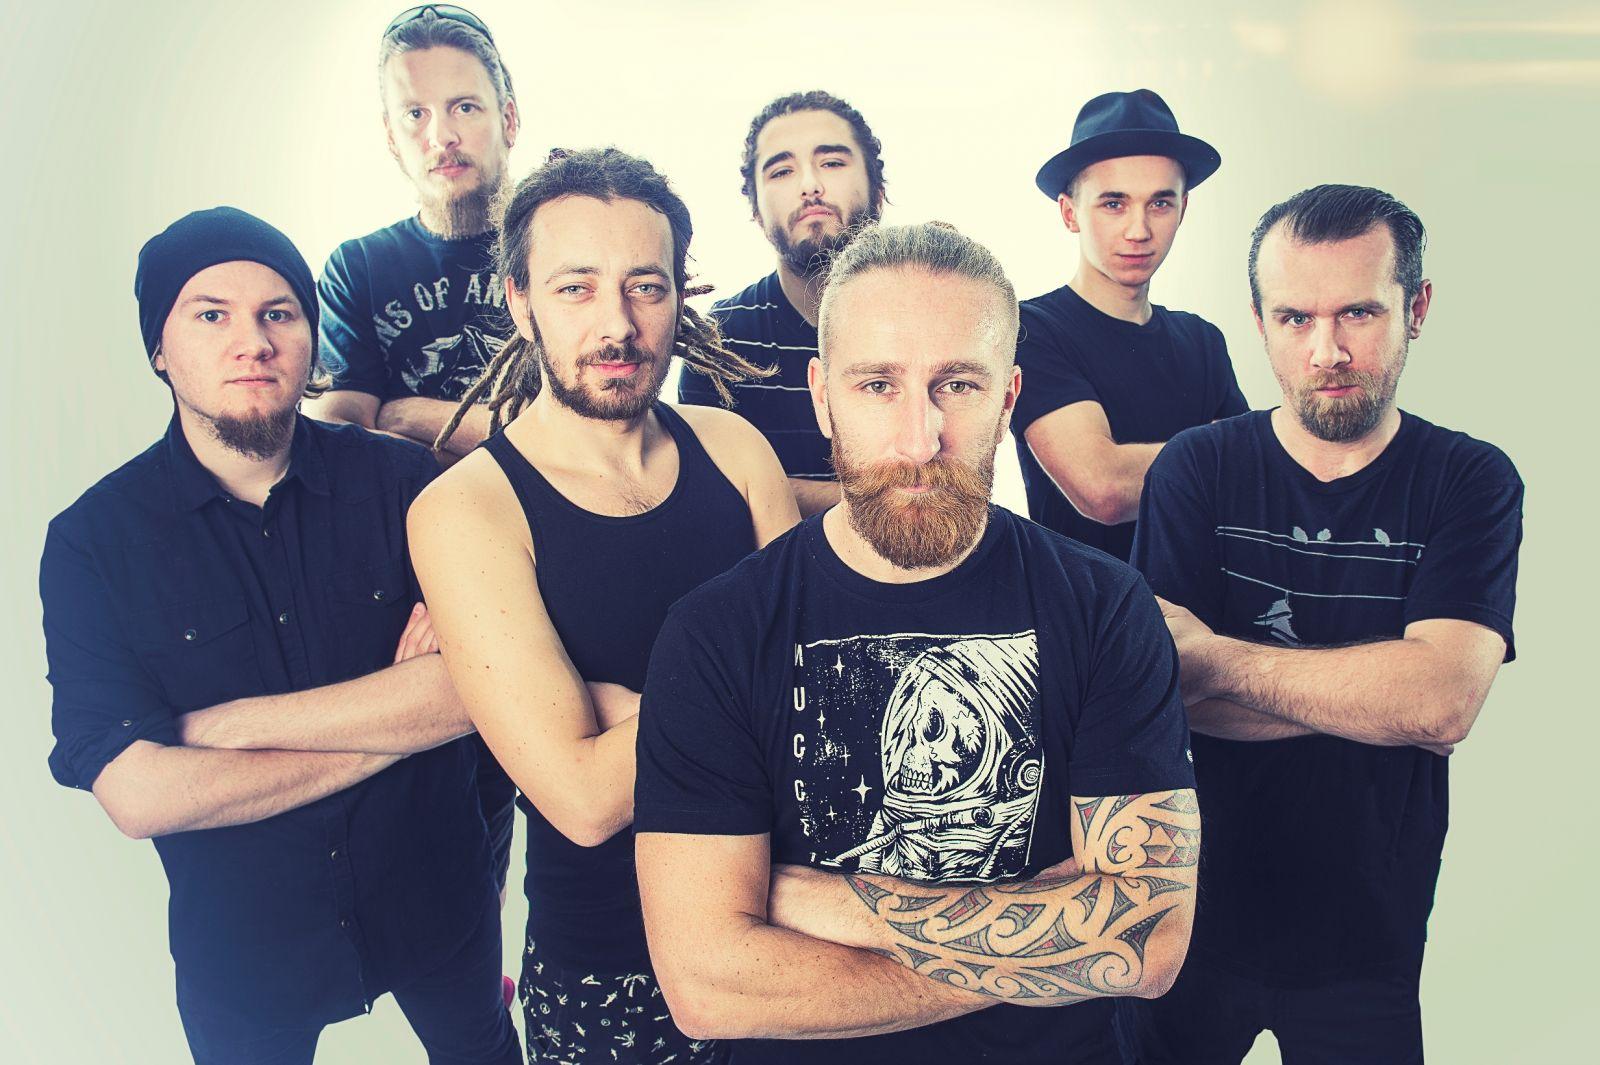 Prešovská kapela Heľenine oči prichádzajú s ďalším originálnym videoklipom.